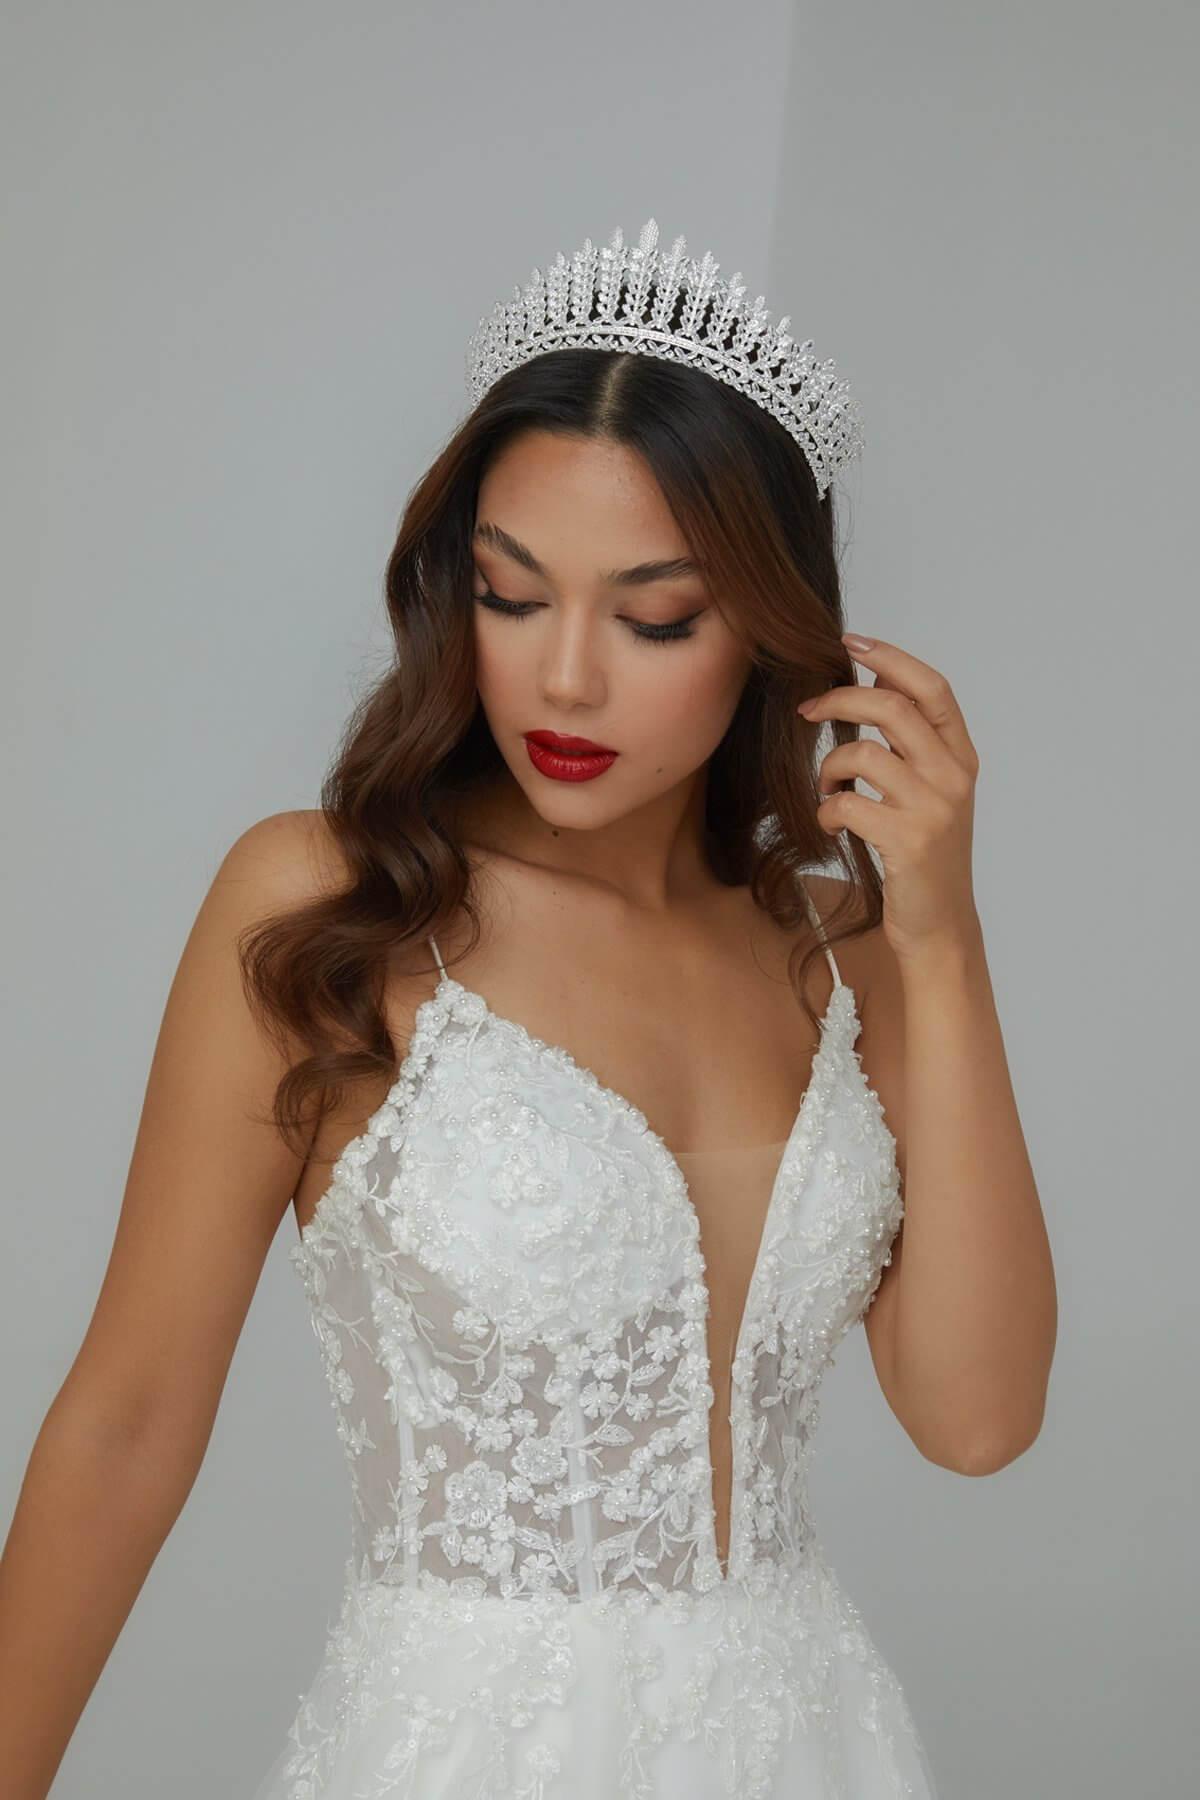 Algunas niñas sueñan con convertirse en princesas. Con este tocado de novias en Venezuela lo conseguirás. Que tu boda sea uno de los días más felices de tu vida